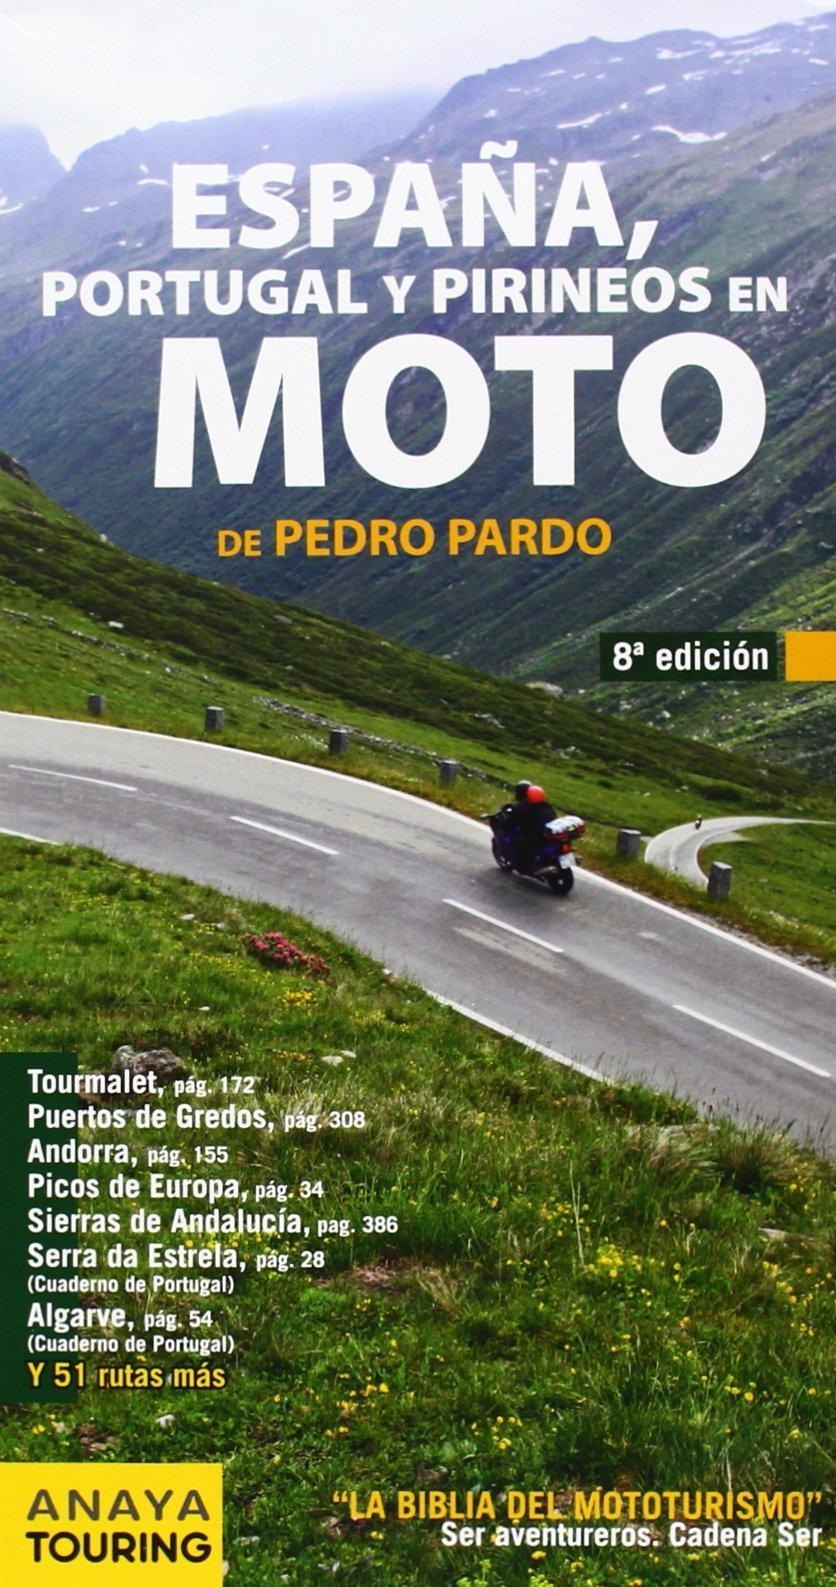 España, Portugal Y Pirineos En Moto 2014 de Pedro Pardo Blanco 12 jun 2014 Tapa blanda: Amazon.es: Libros